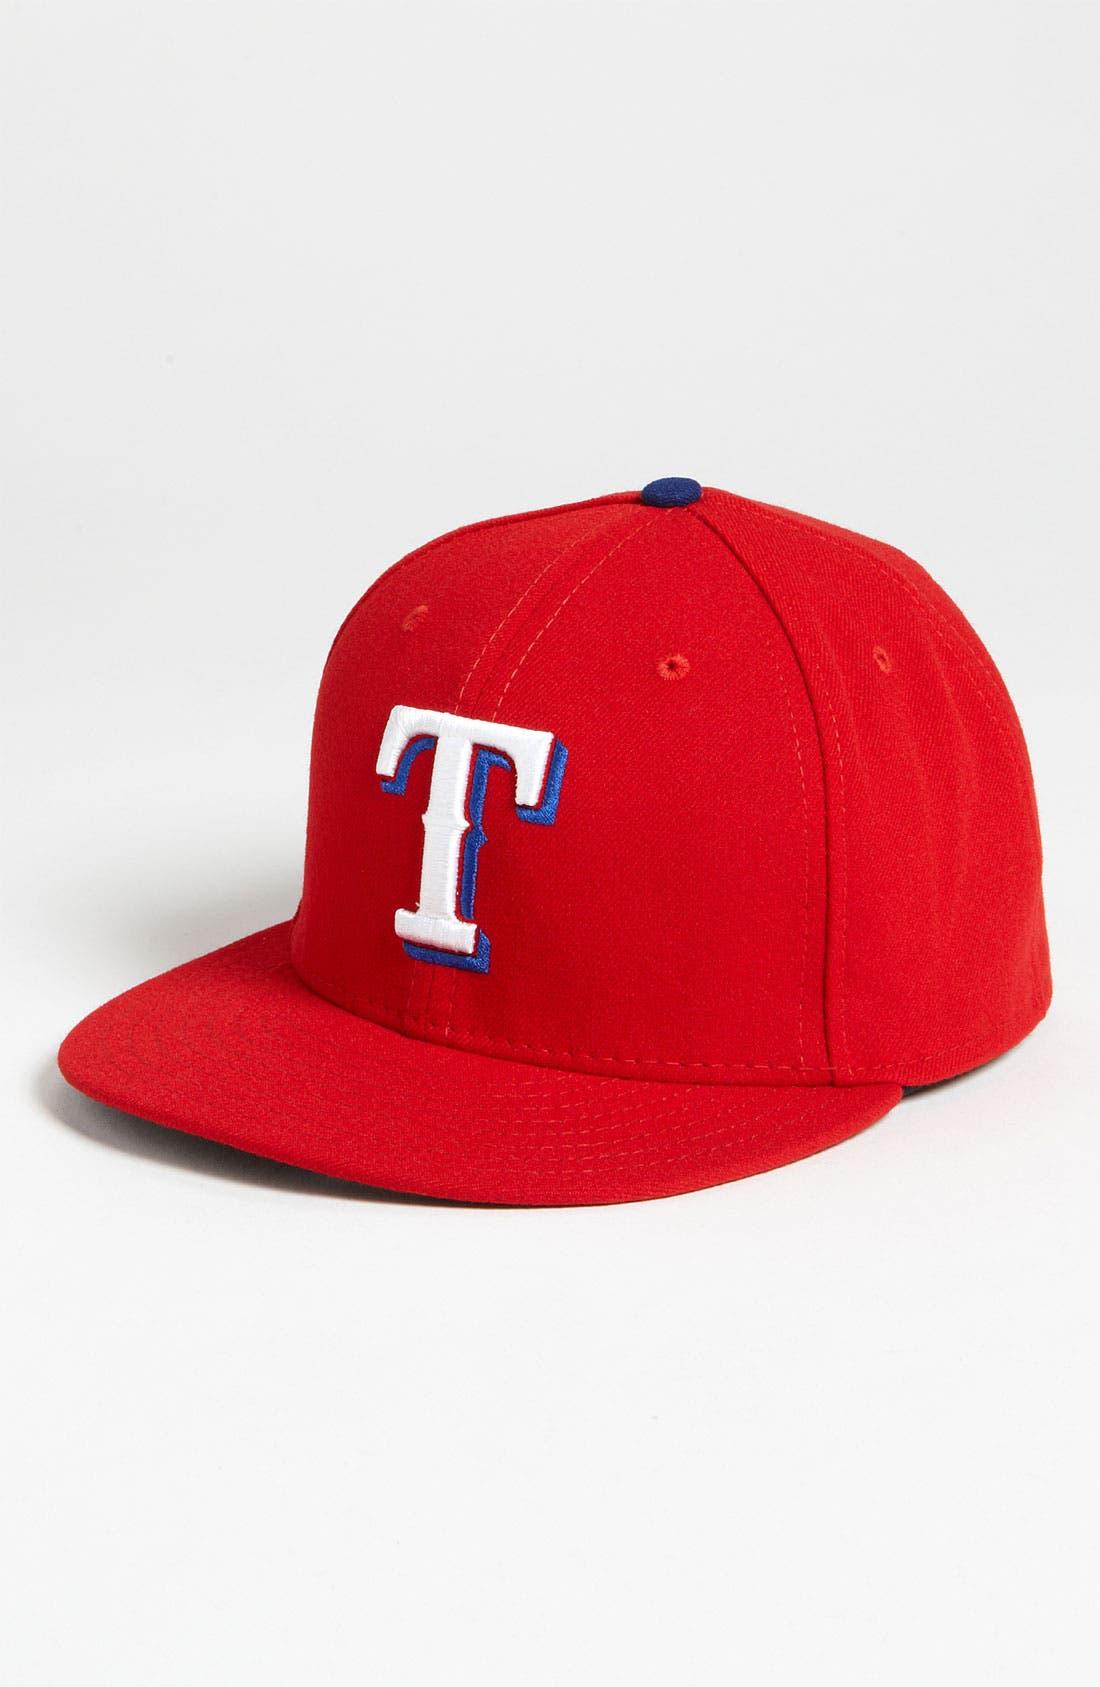 Alternate Image 1 Selected - New Era Cap 'Texas Rangers' Baseball Cap